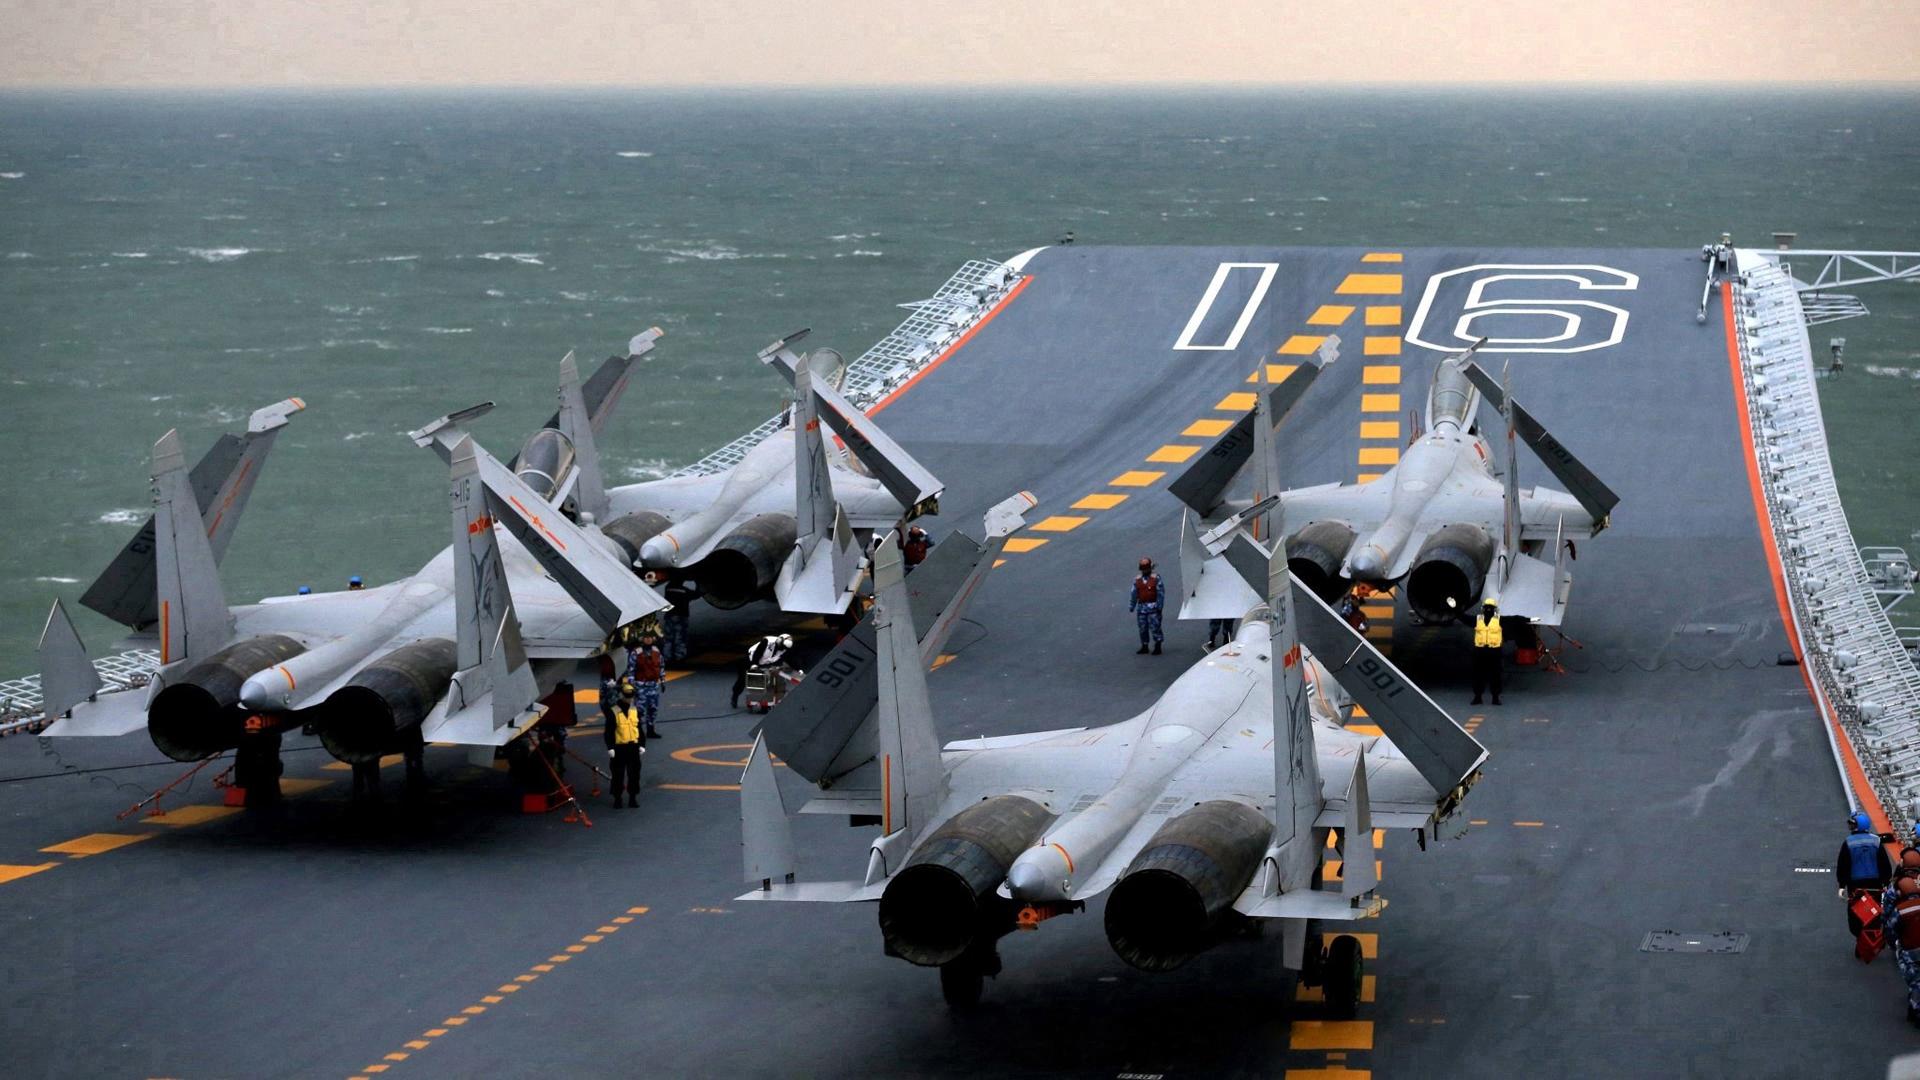 中国突破一项少数国家垄断的技术,辽宁舰战力实现跨越式进步